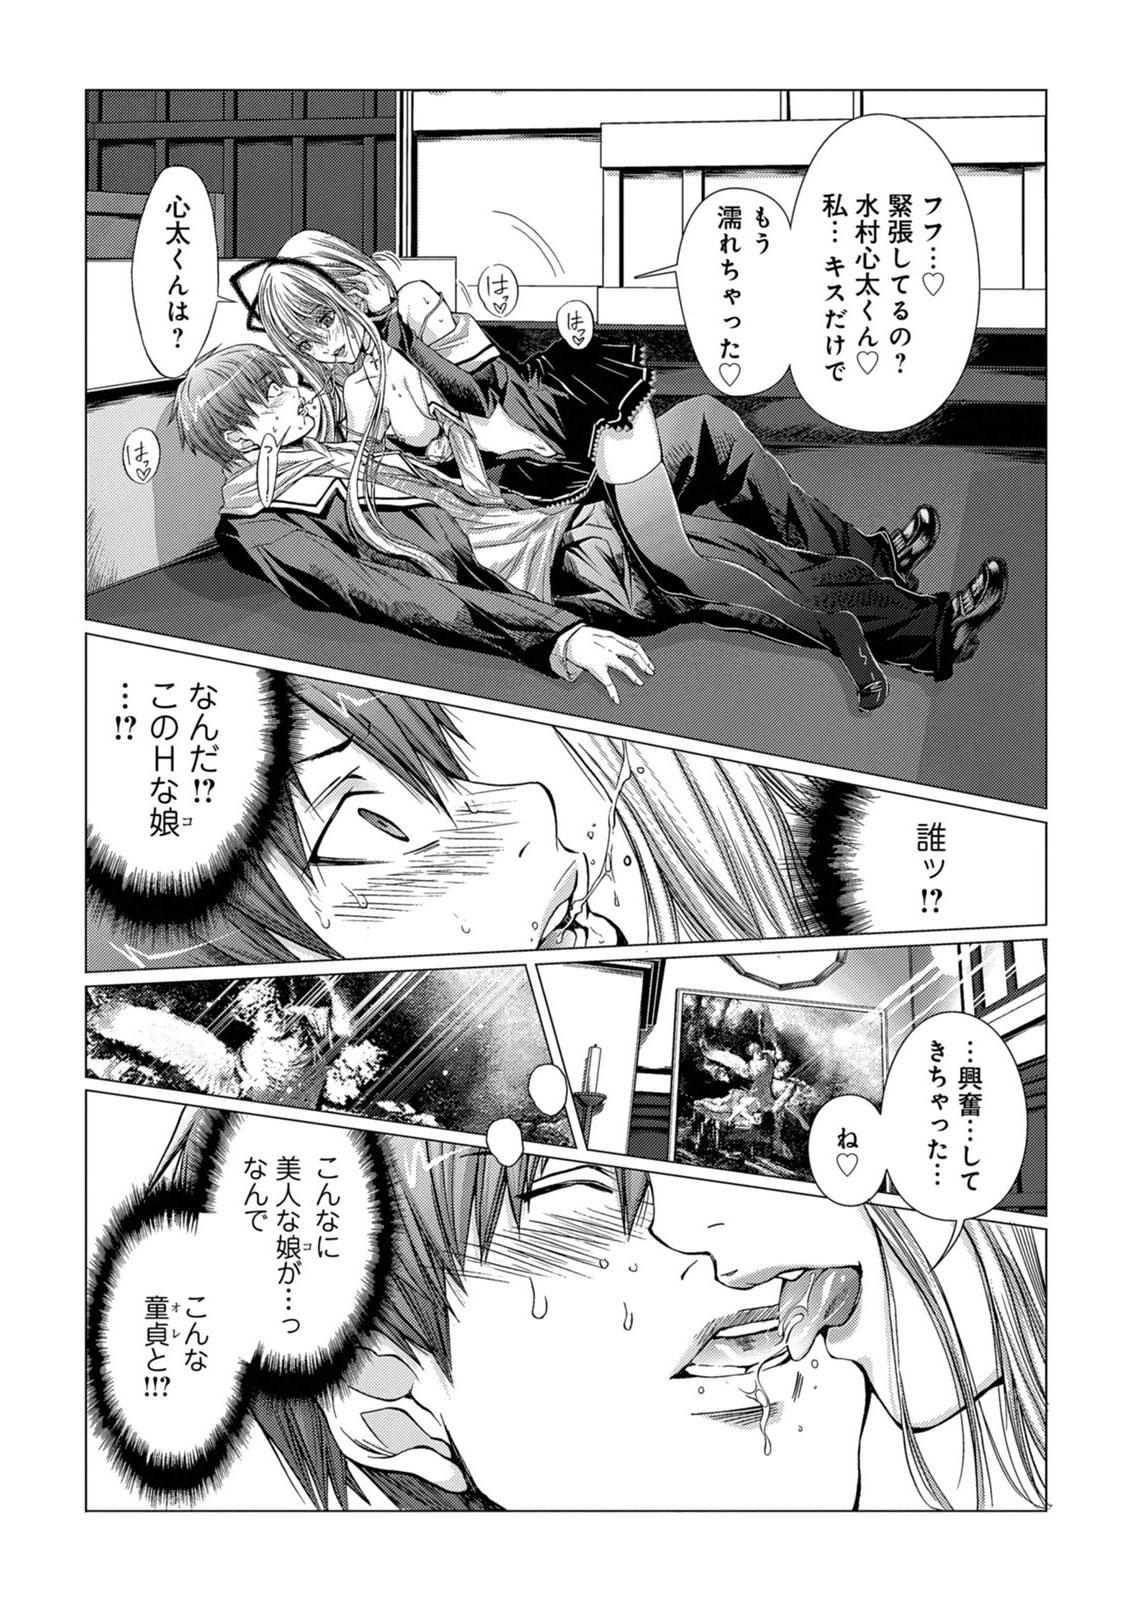 [Miyazaki Maya] Holy Knight ~Junketsu to Ai no Hazama de~ Vol. 1 7